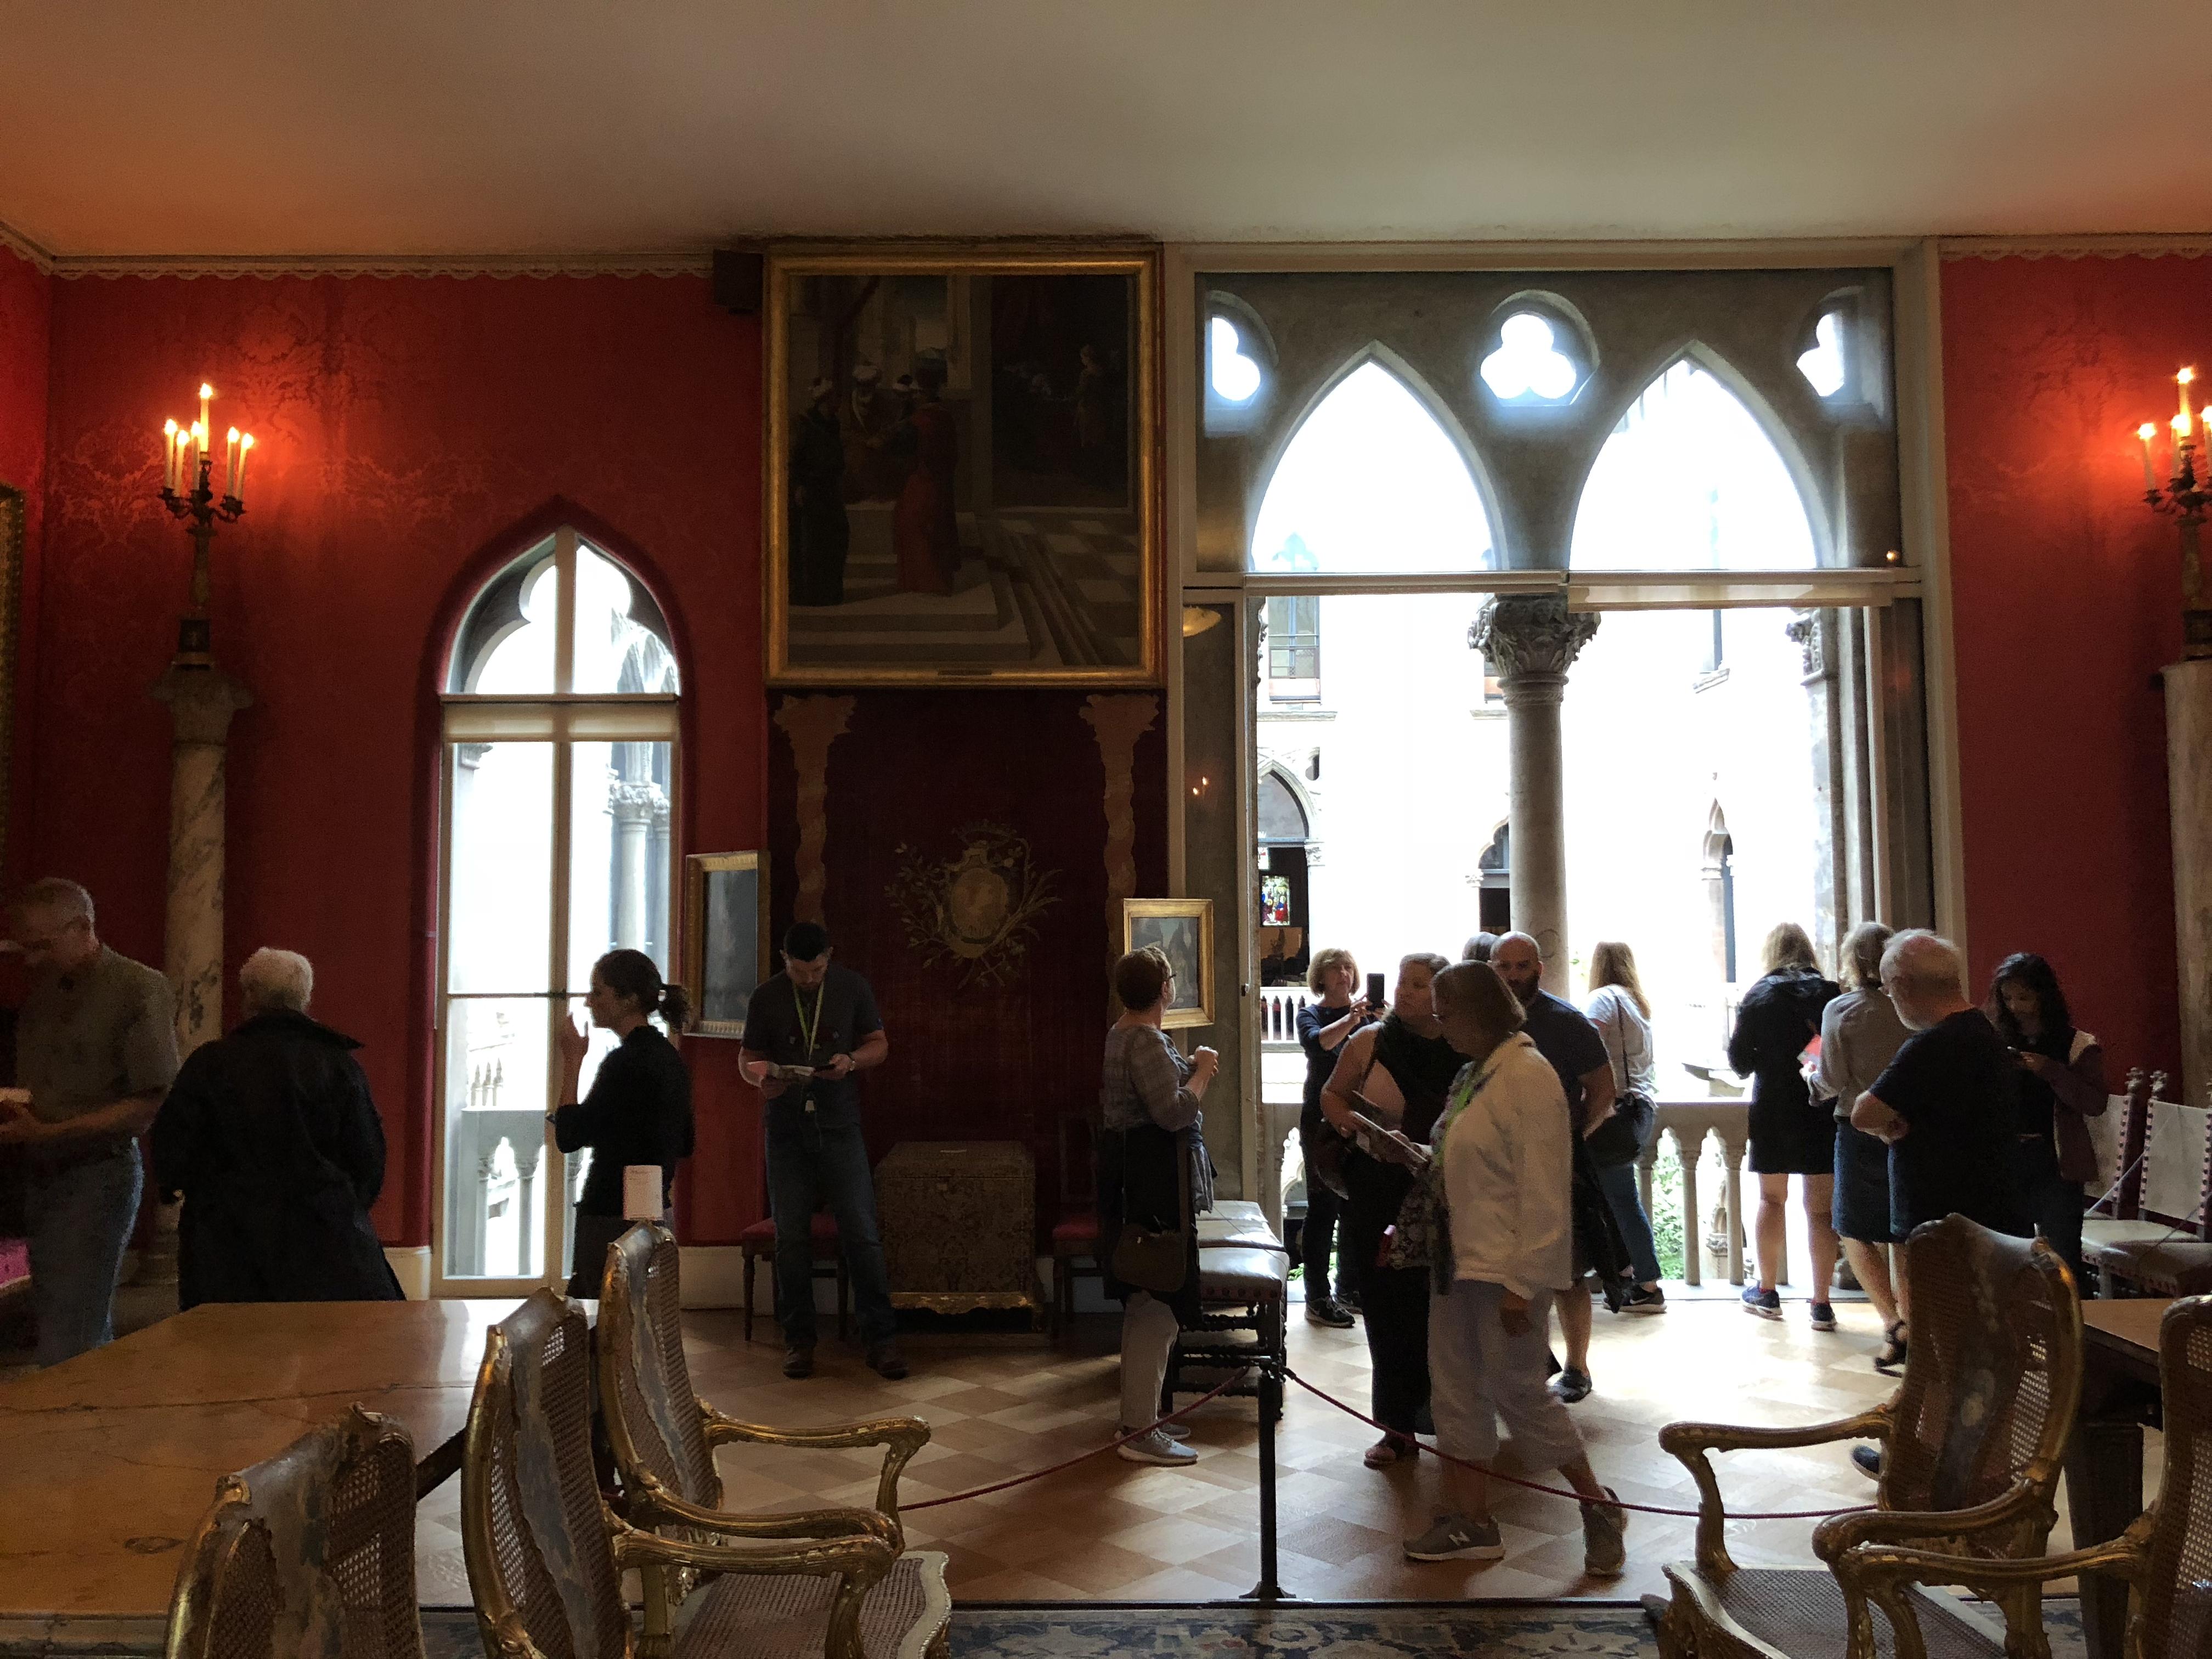 イザベラ・スチュワート・ガードナー美術館 Isabella Stewart Gardner Museum ーイザベラさんの華麗なる世界観